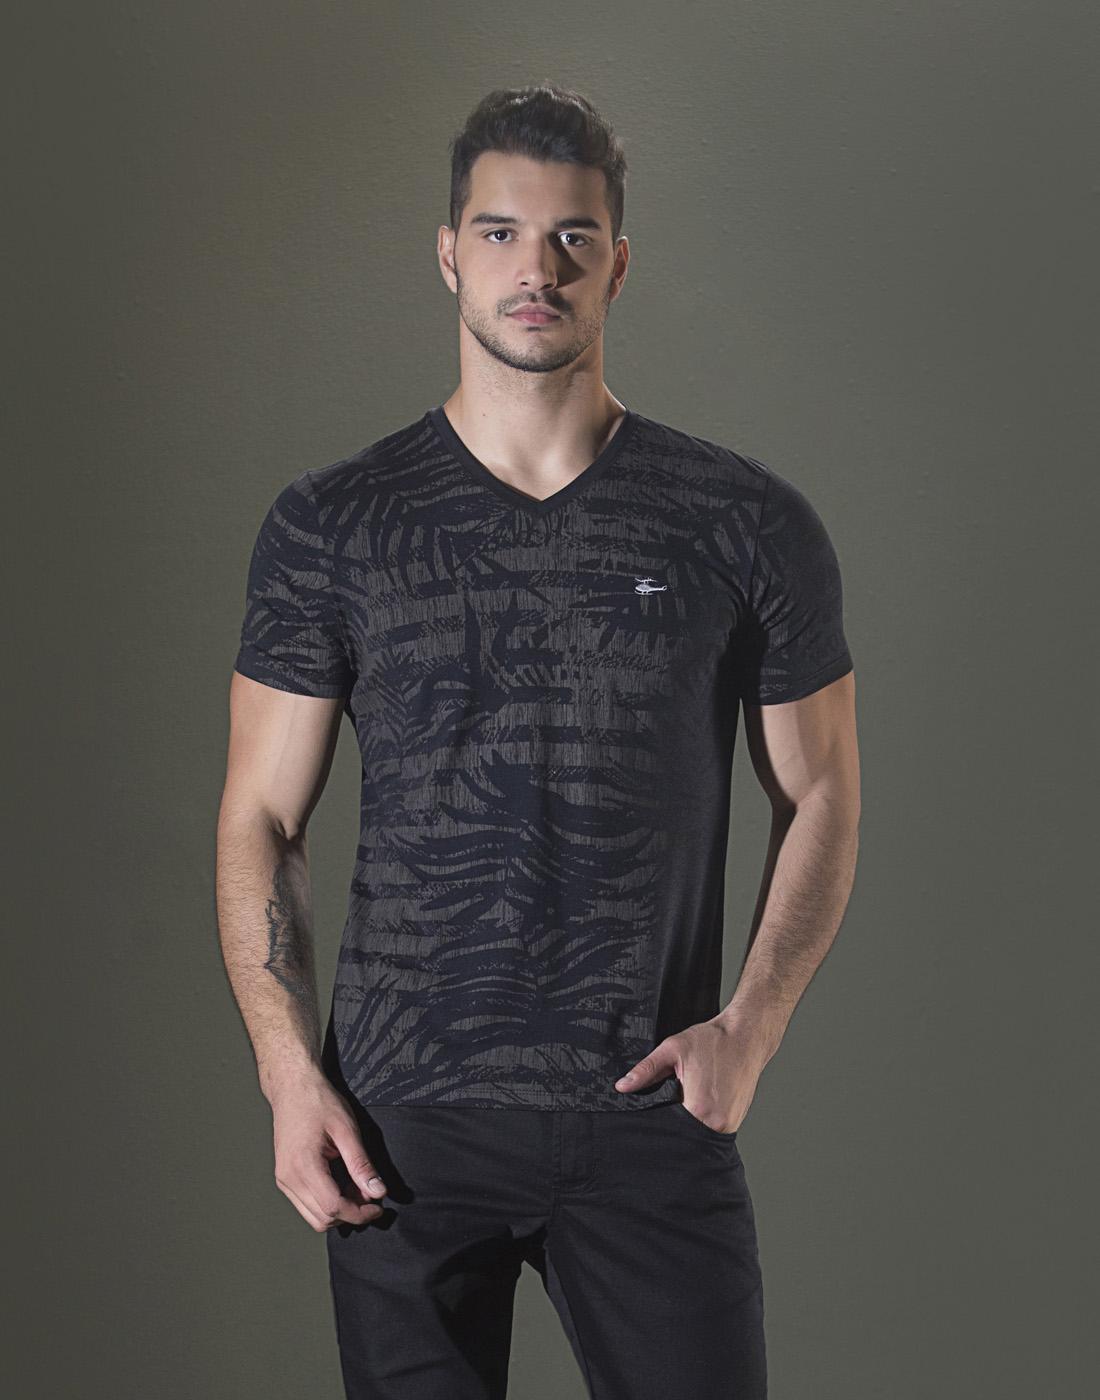 Camiseta Gola V. Estampada Preto Sallo